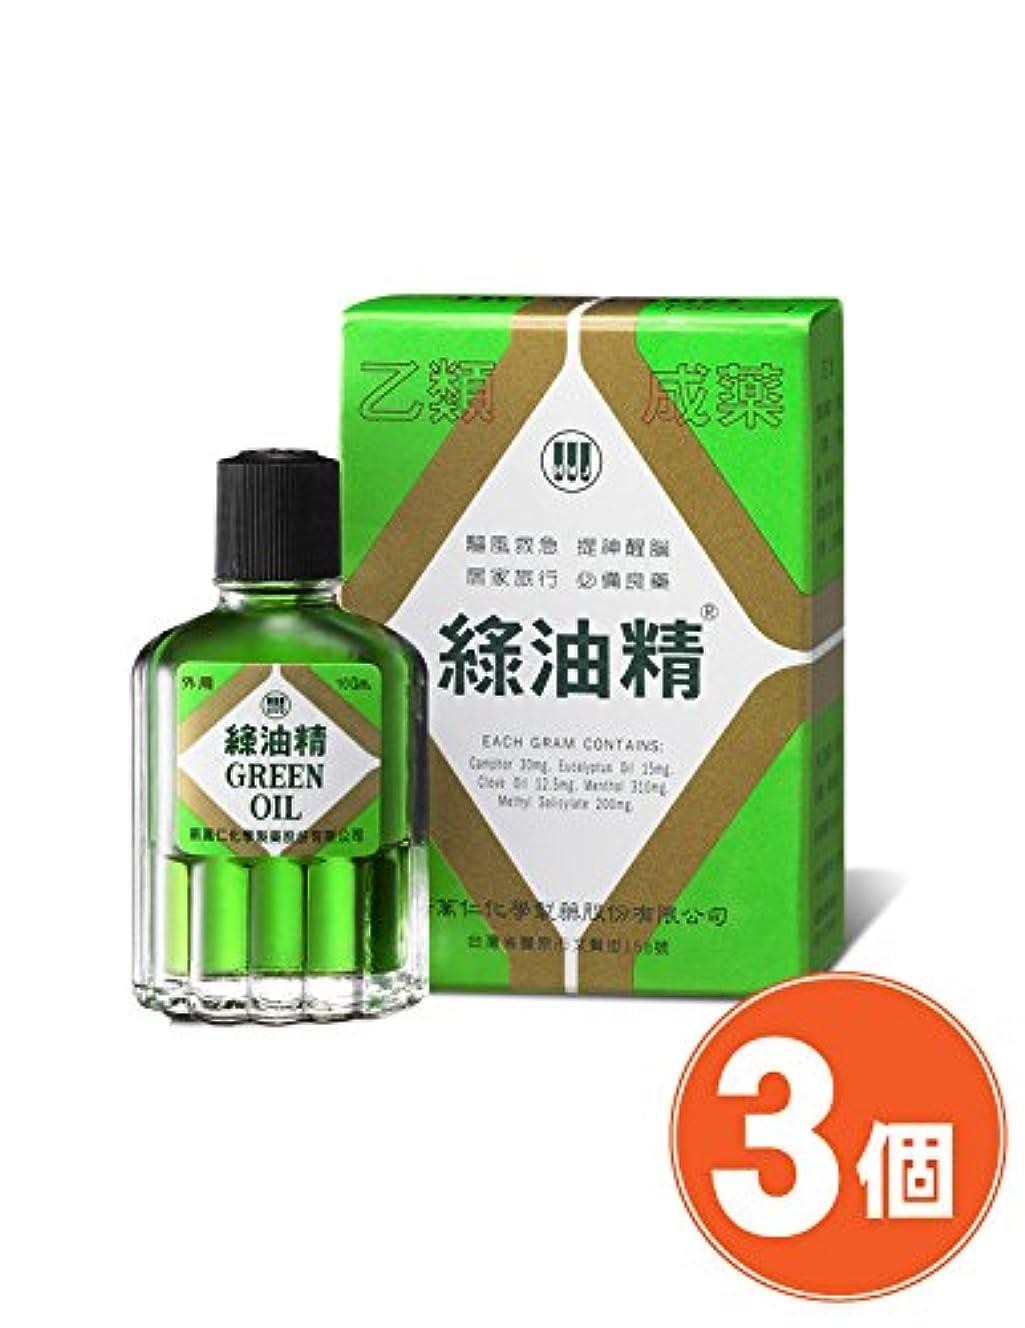 簡単に匿名滑りやすい《新萬仁》台湾の万能グリーンオイル 緑油精 10g ×3個 《台湾 お土産》 [並行輸入品]